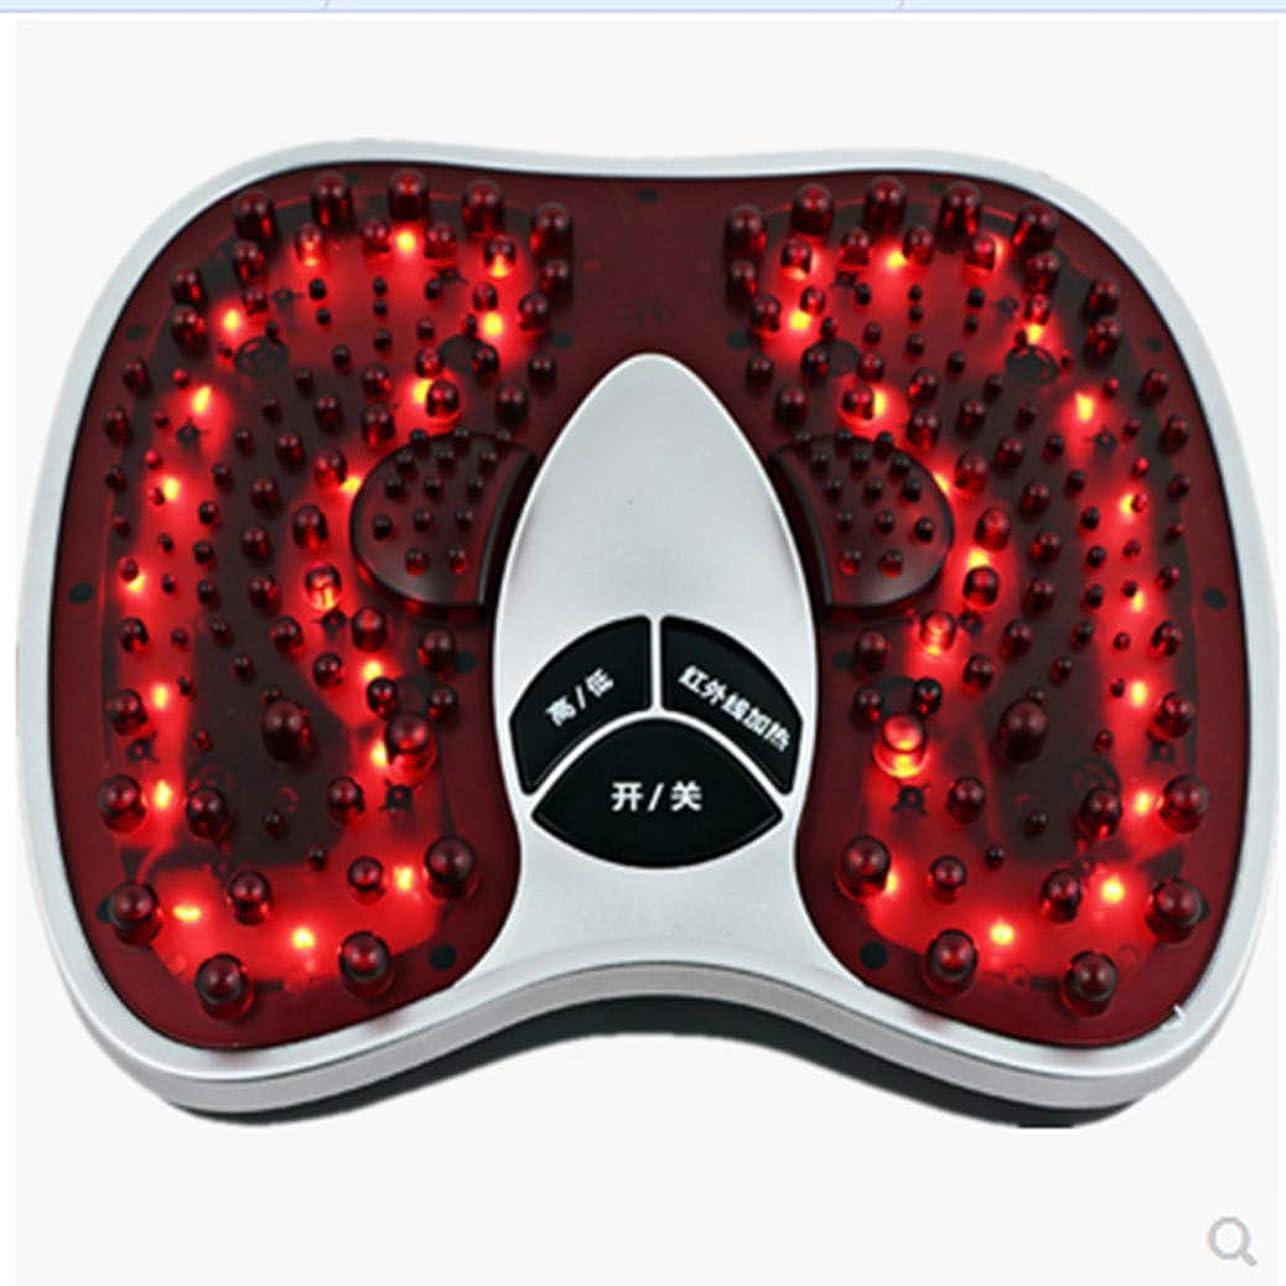 セラフ連続したピュー電気の 足のマッサージ、足のマッサージ足底筋膜炎疲れた足、神経障害、慢性、および神経痛に最適 人間工学的デザイン, red